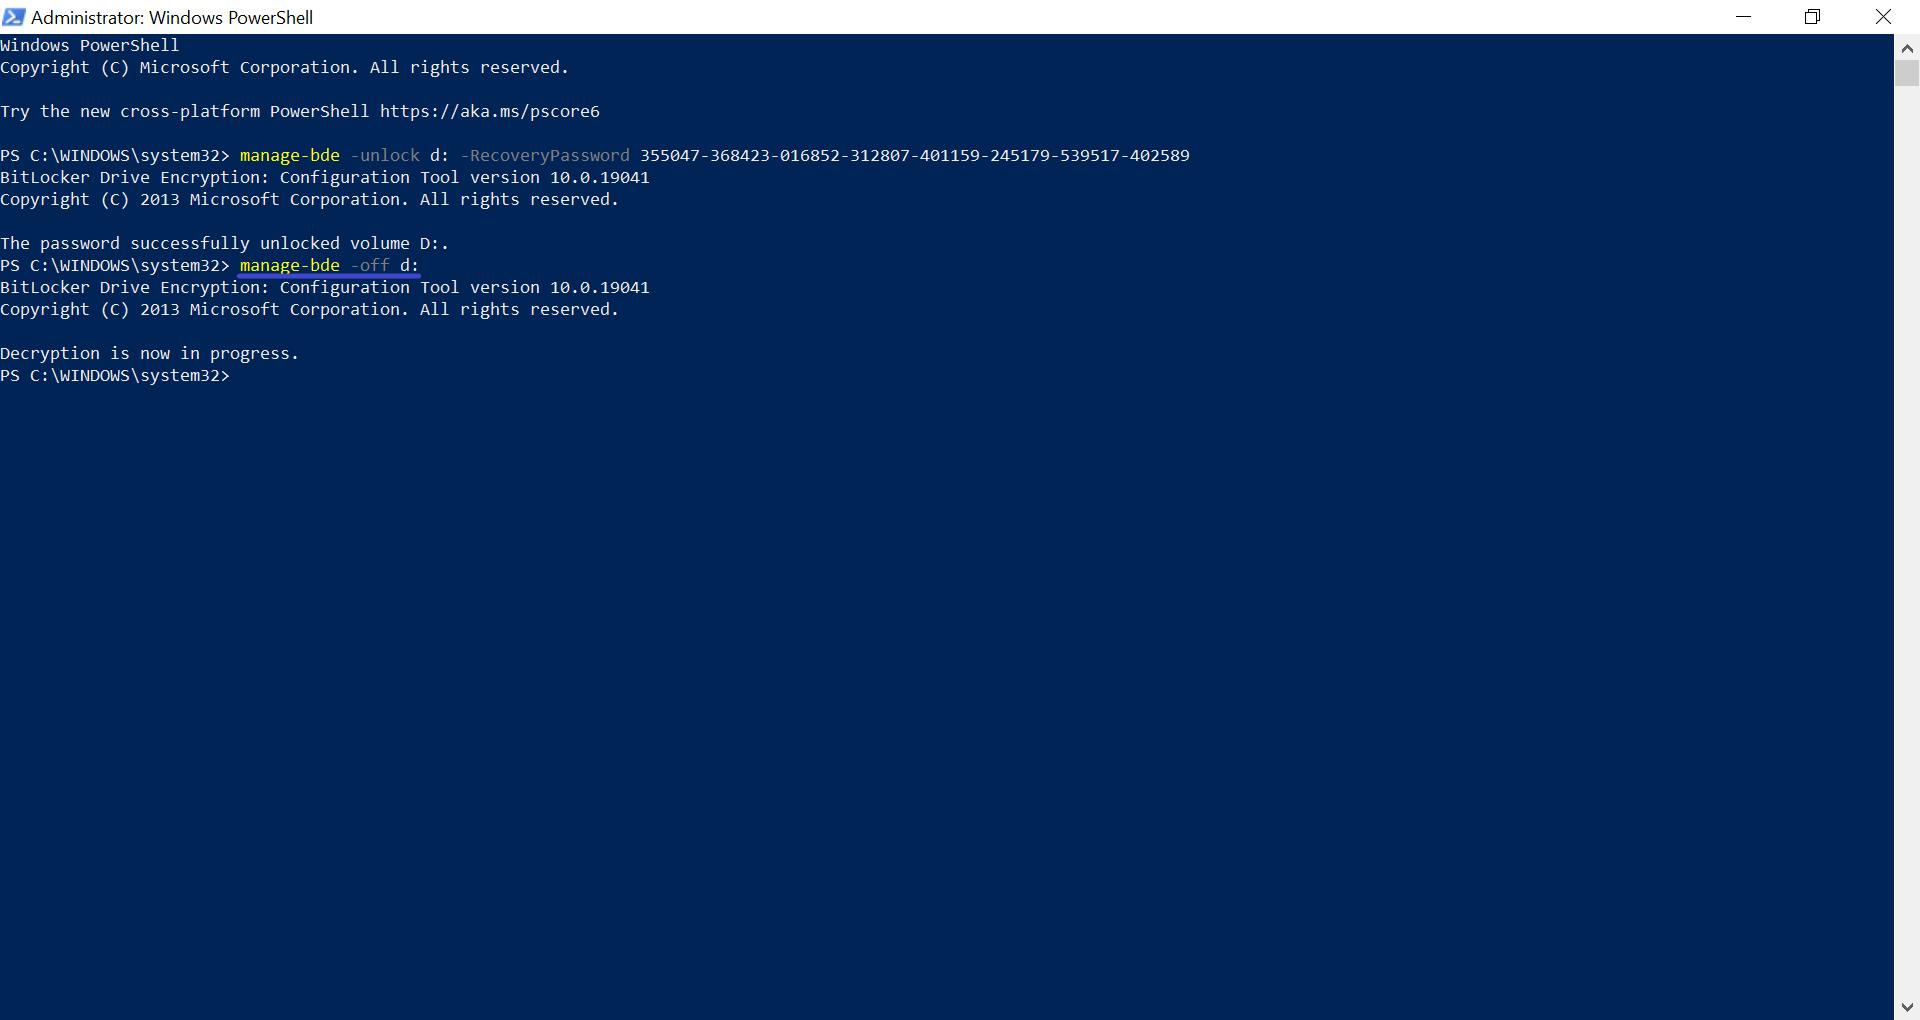 BitLocker'i Şifresinin PowerShell'de Çözülmesi